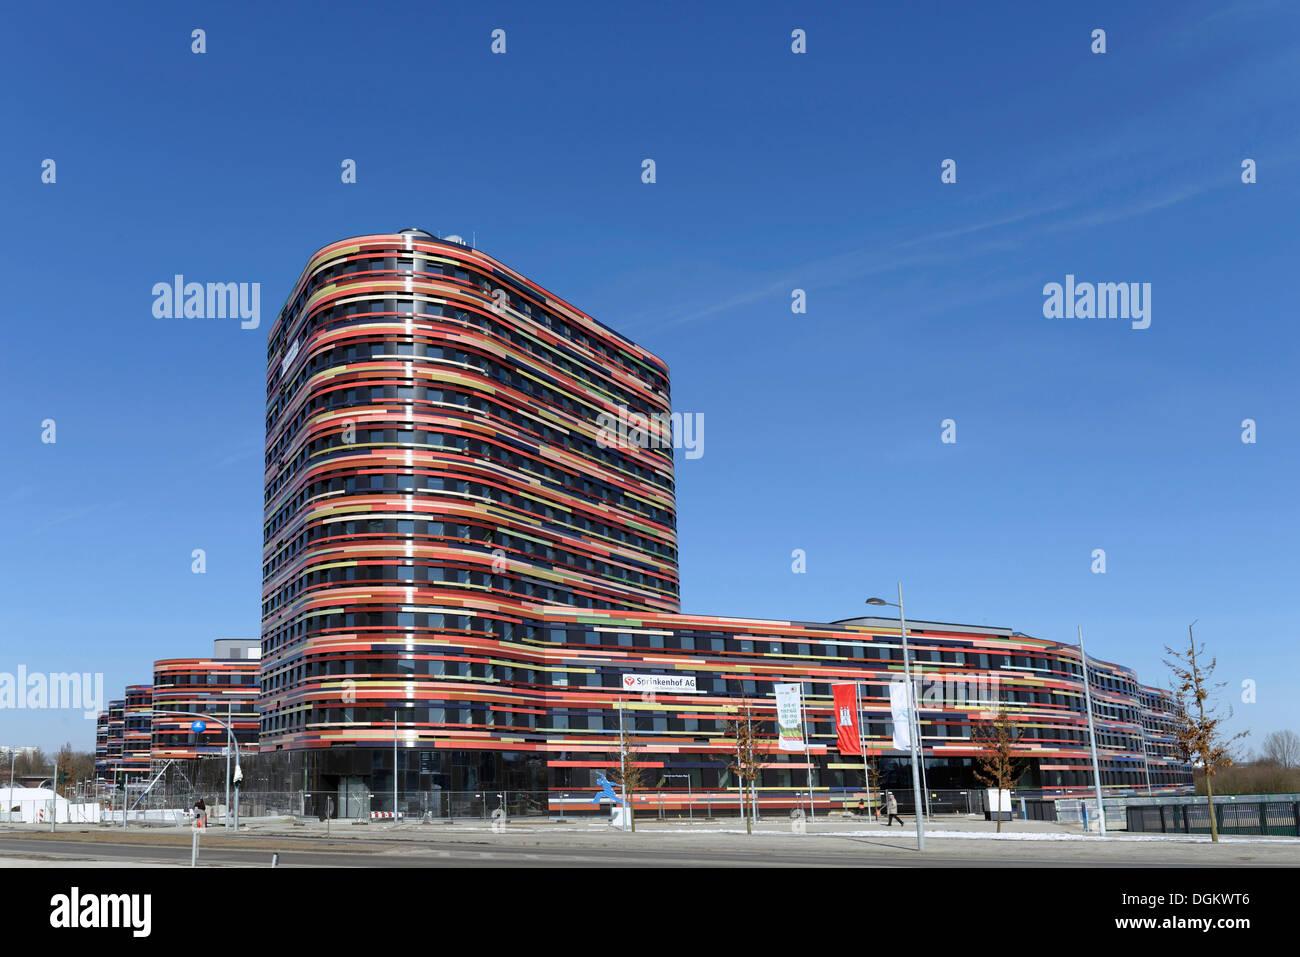 BSU Gebäude, Sprinkenhof AG, Verwaltungsgebäude, Neuenfelder Straße, Hamburg, Hamburg, Hamburg, Deutschland Stockbild